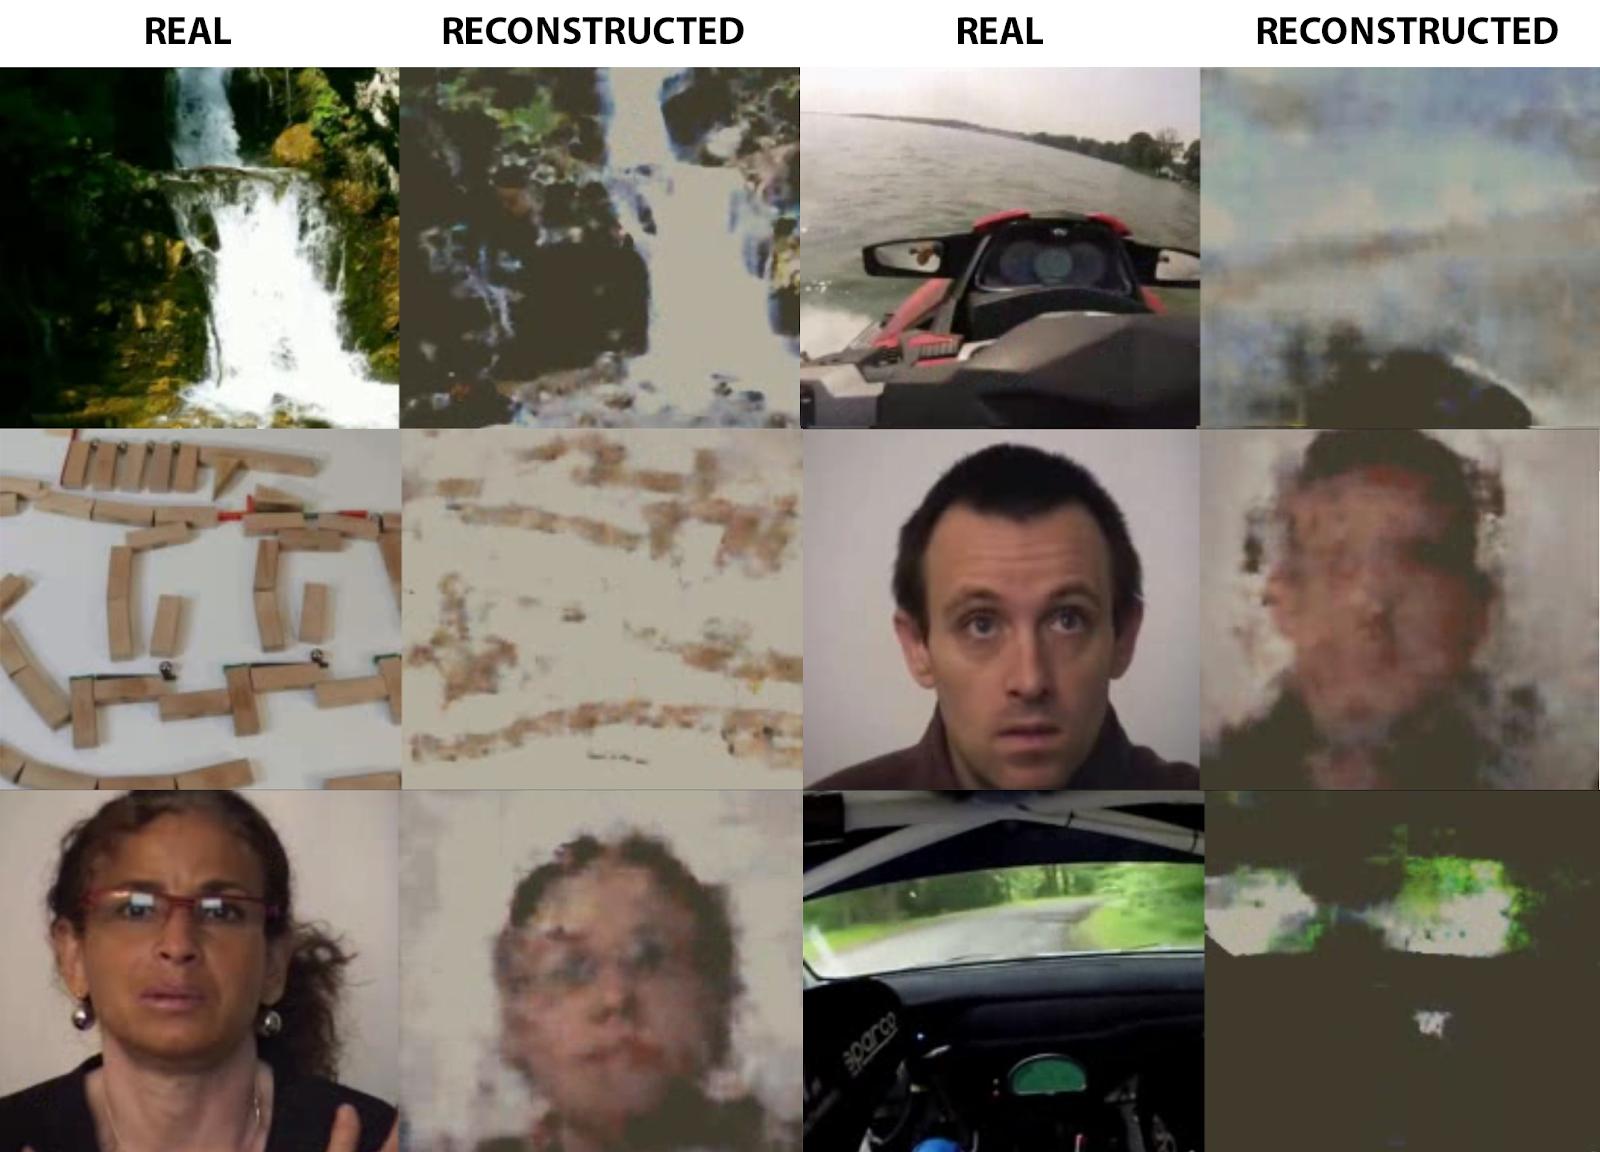 Российские ученые восстановили образы из мыслей человека по электрической активности мозга - 3